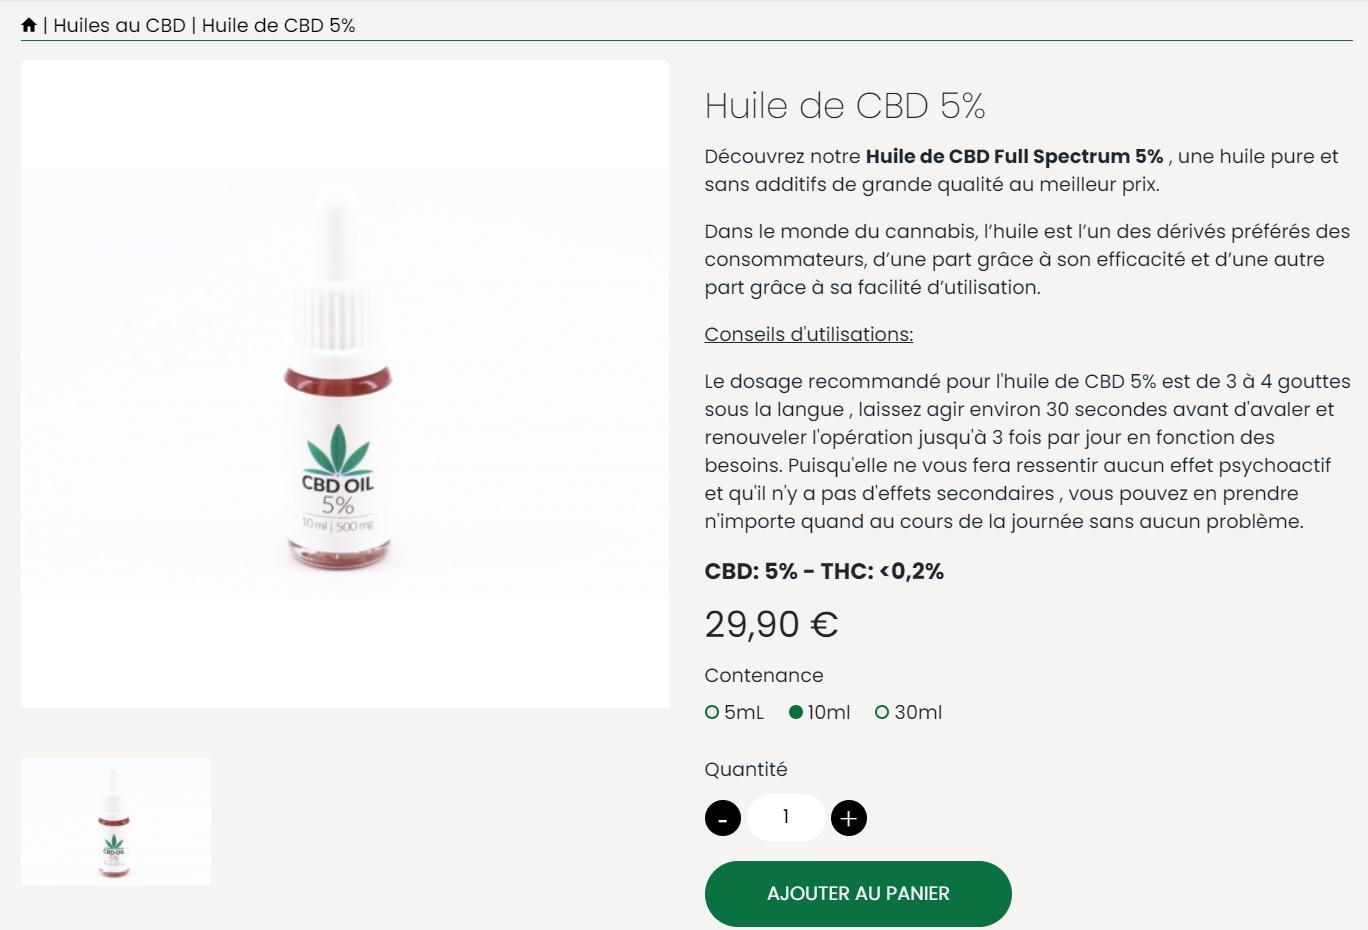 HUILE CBD 5% cbdhouseparis